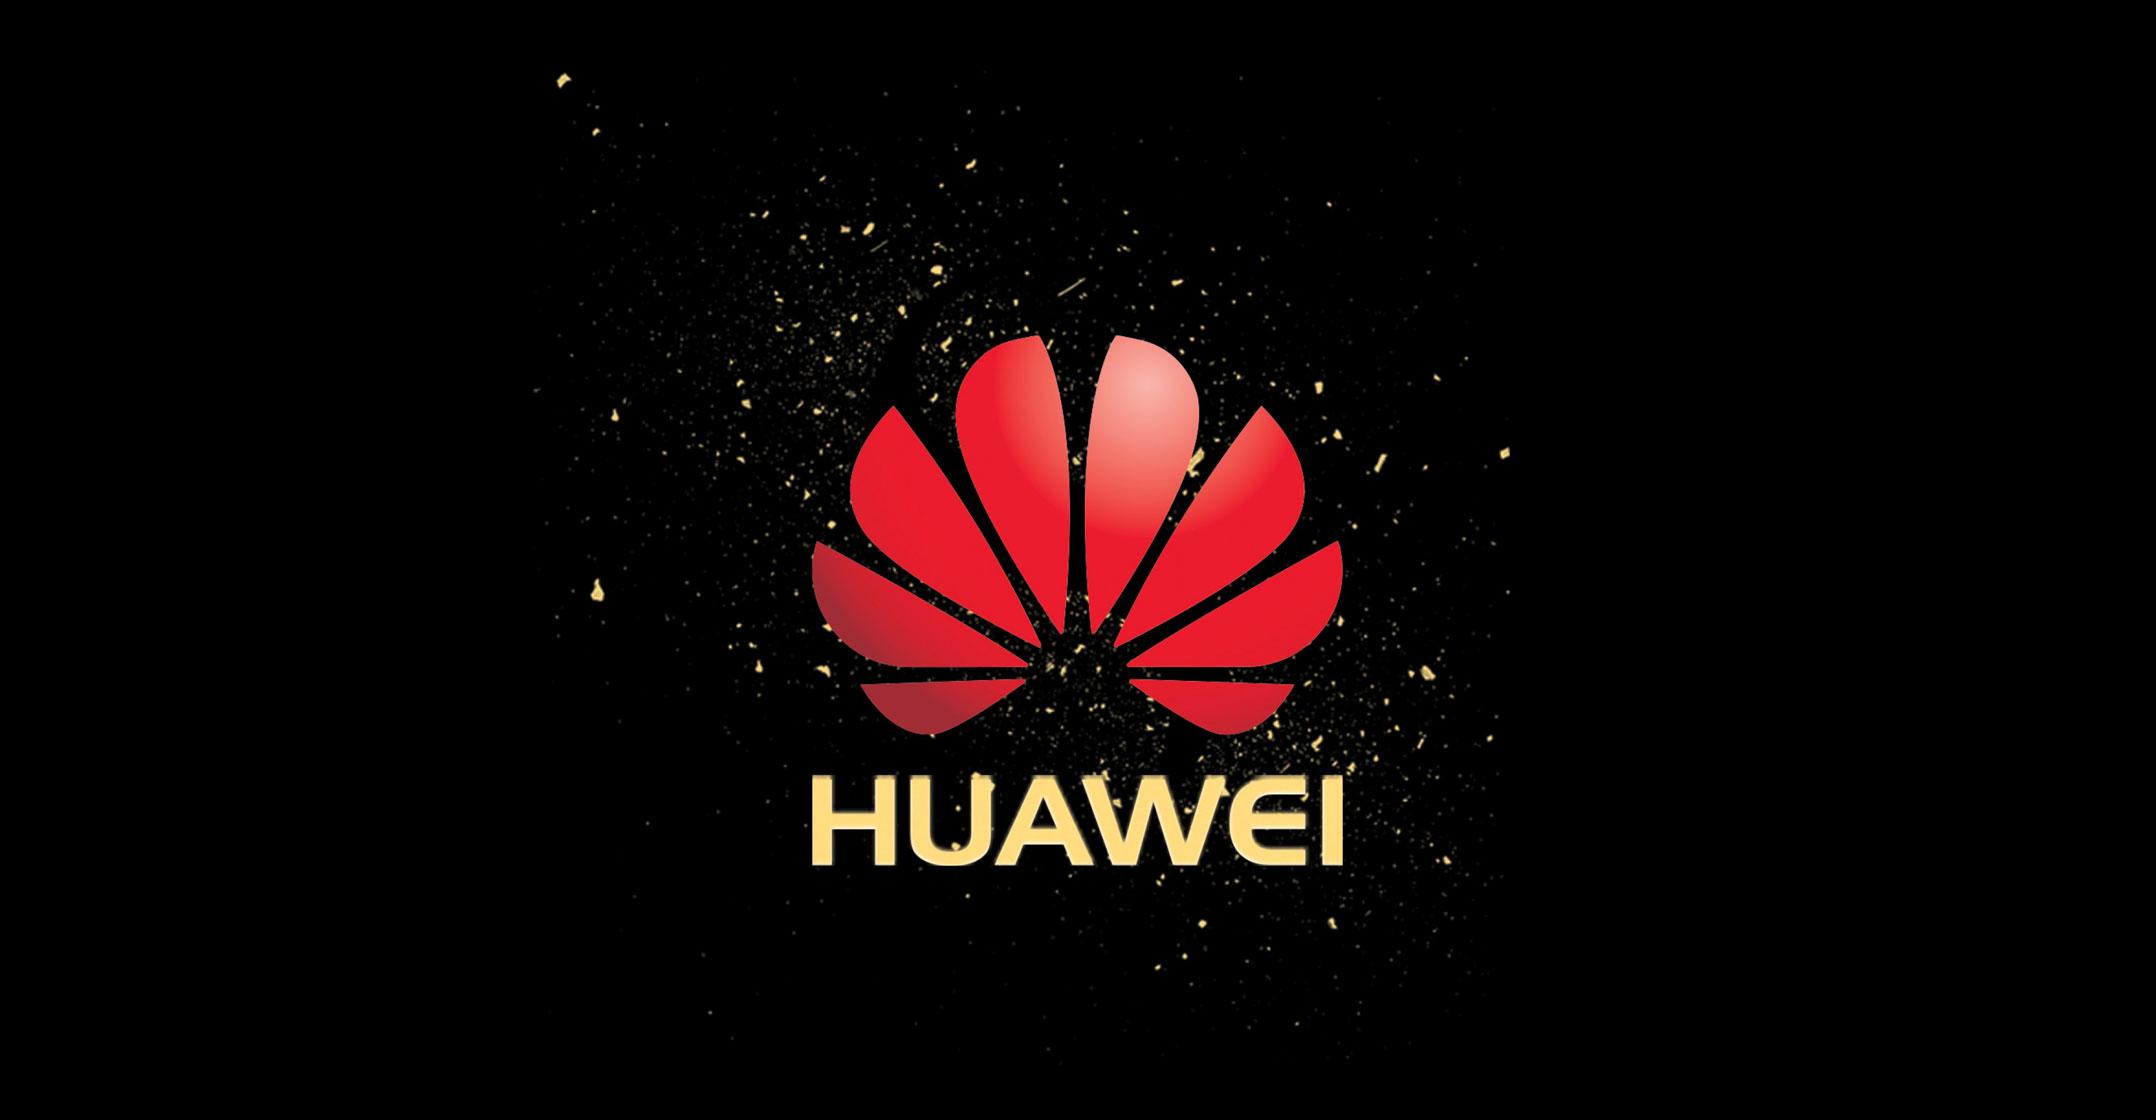 داستان تکراری یک تقابل (آخرین وضعیت شرکت هوآوی)